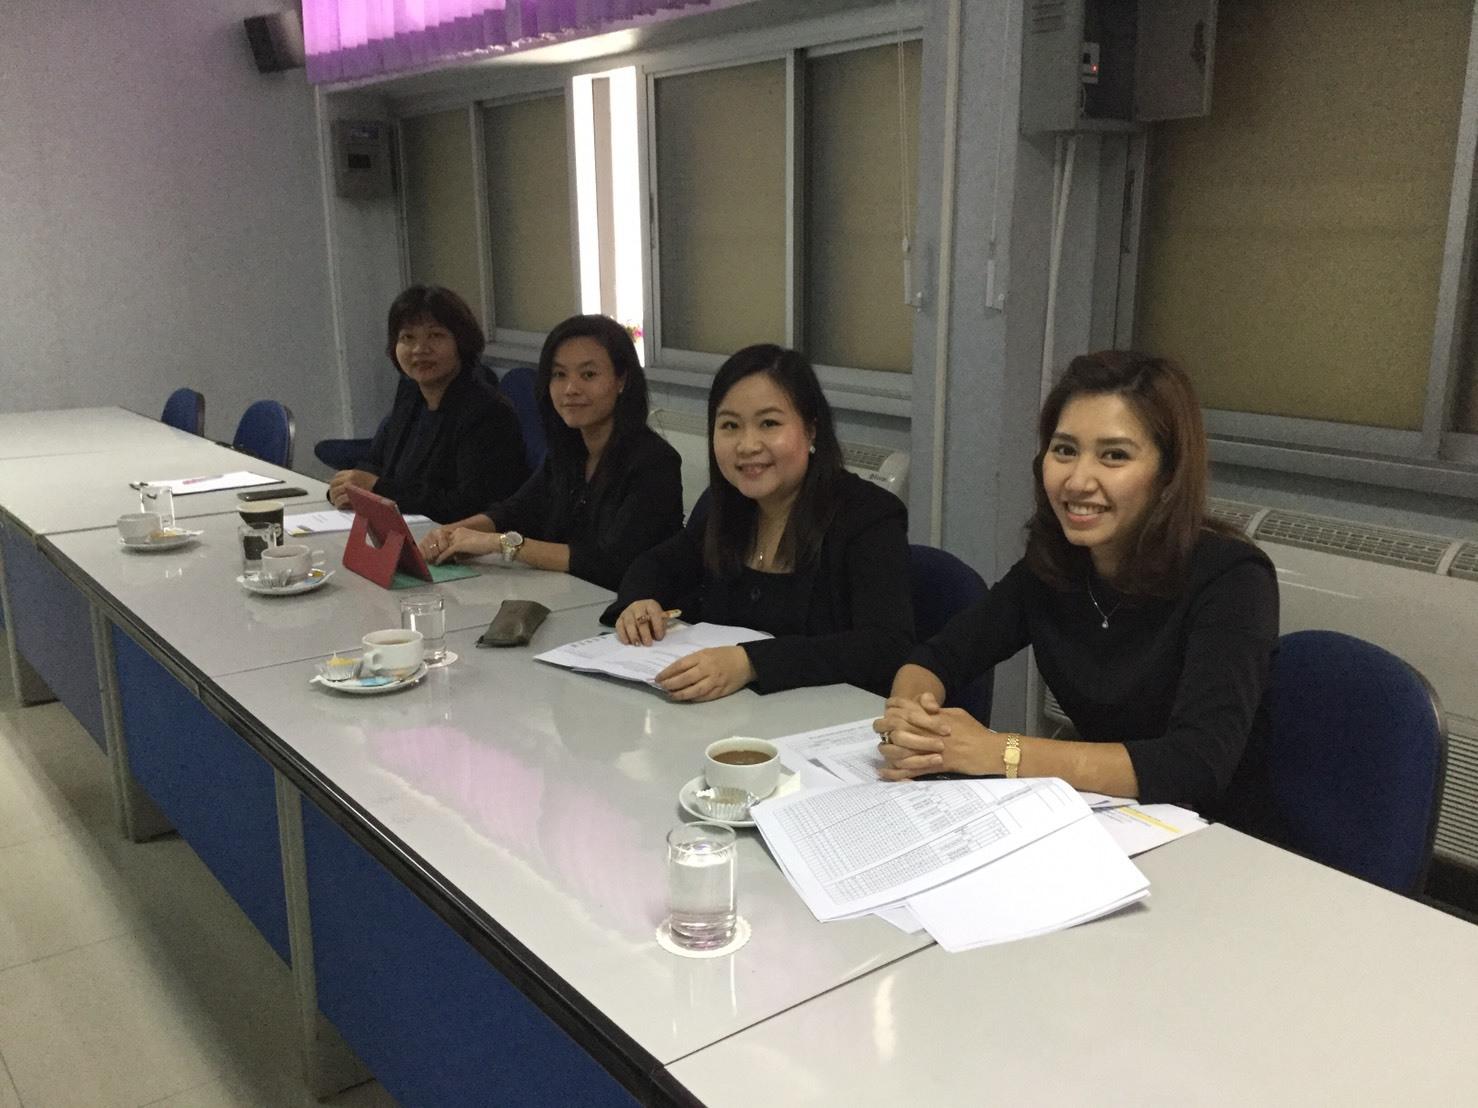 มสด.นครนายก เข้าร่วมประชุมการทวนสอบผลสัมฤทธิ์การเรียนรู้ของนักศึกษาตามกรอบมาตราฐานคุณวุฒิแห่งชาติ